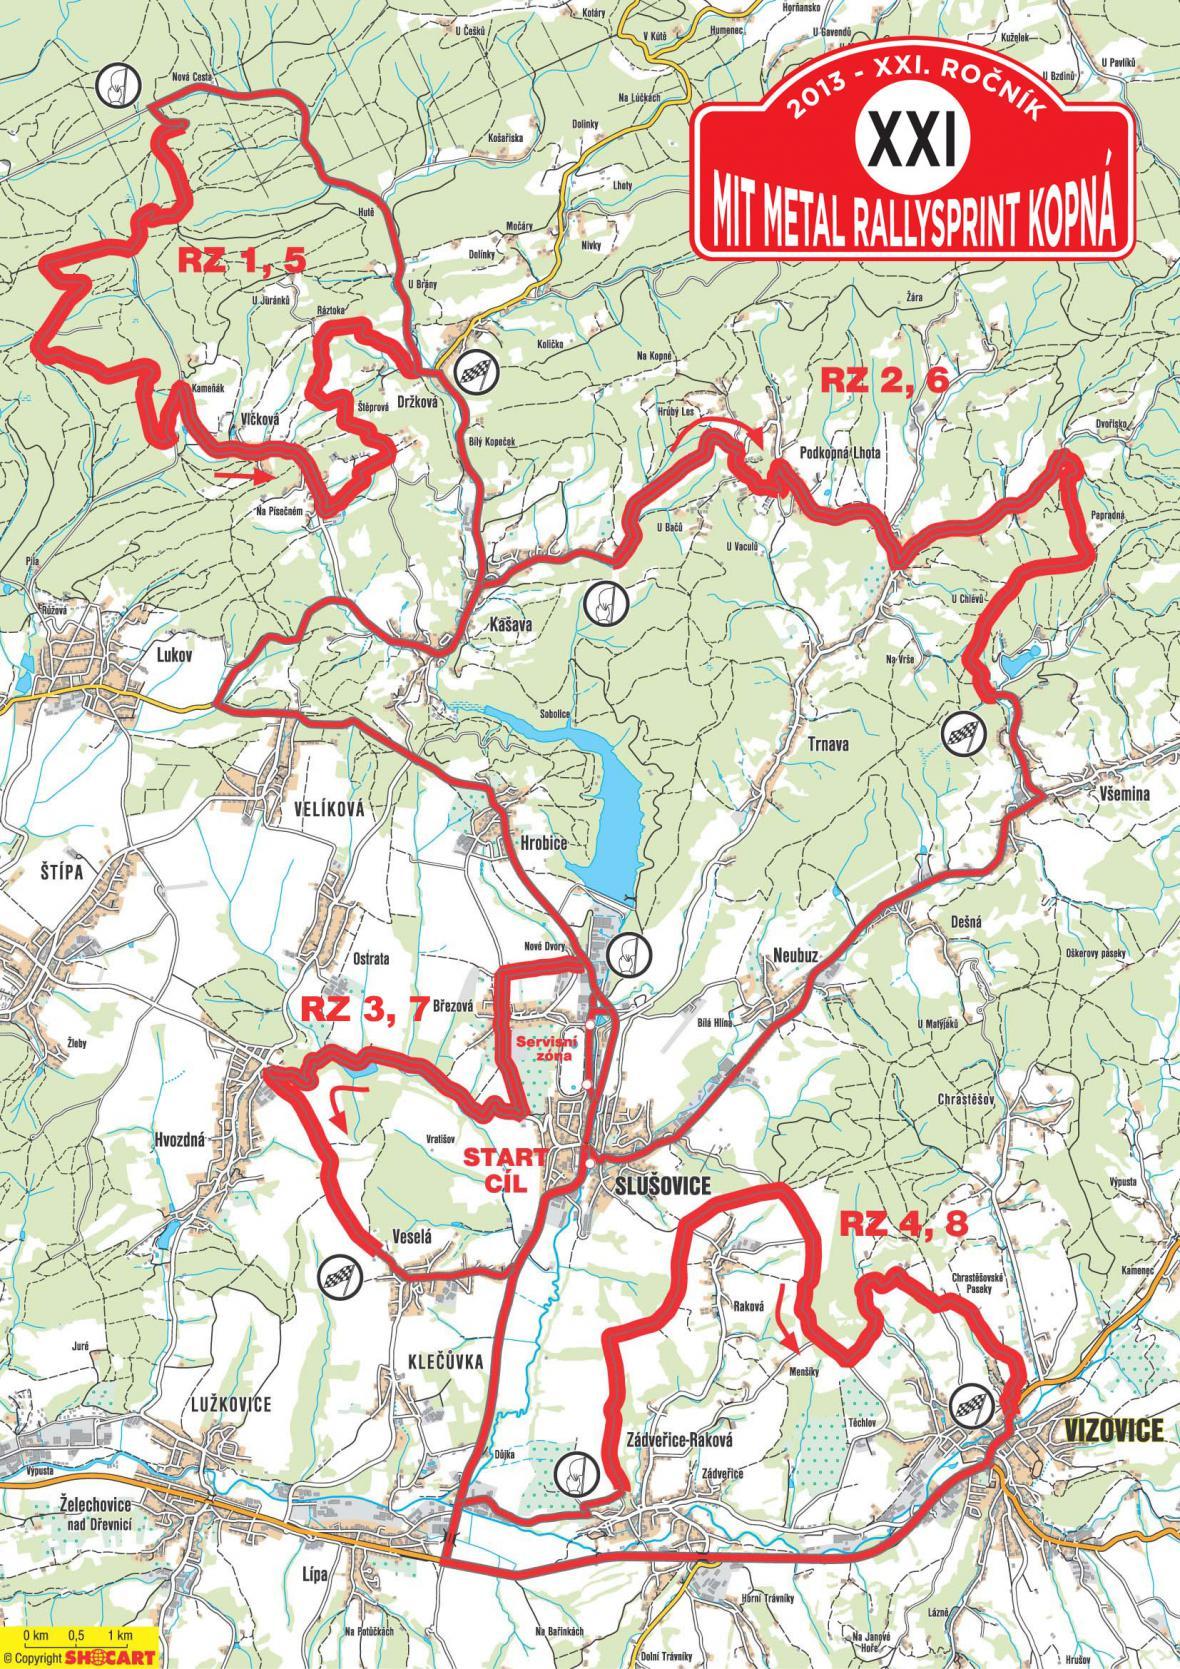 Trasa Rallysprint Kopná v roce 2013